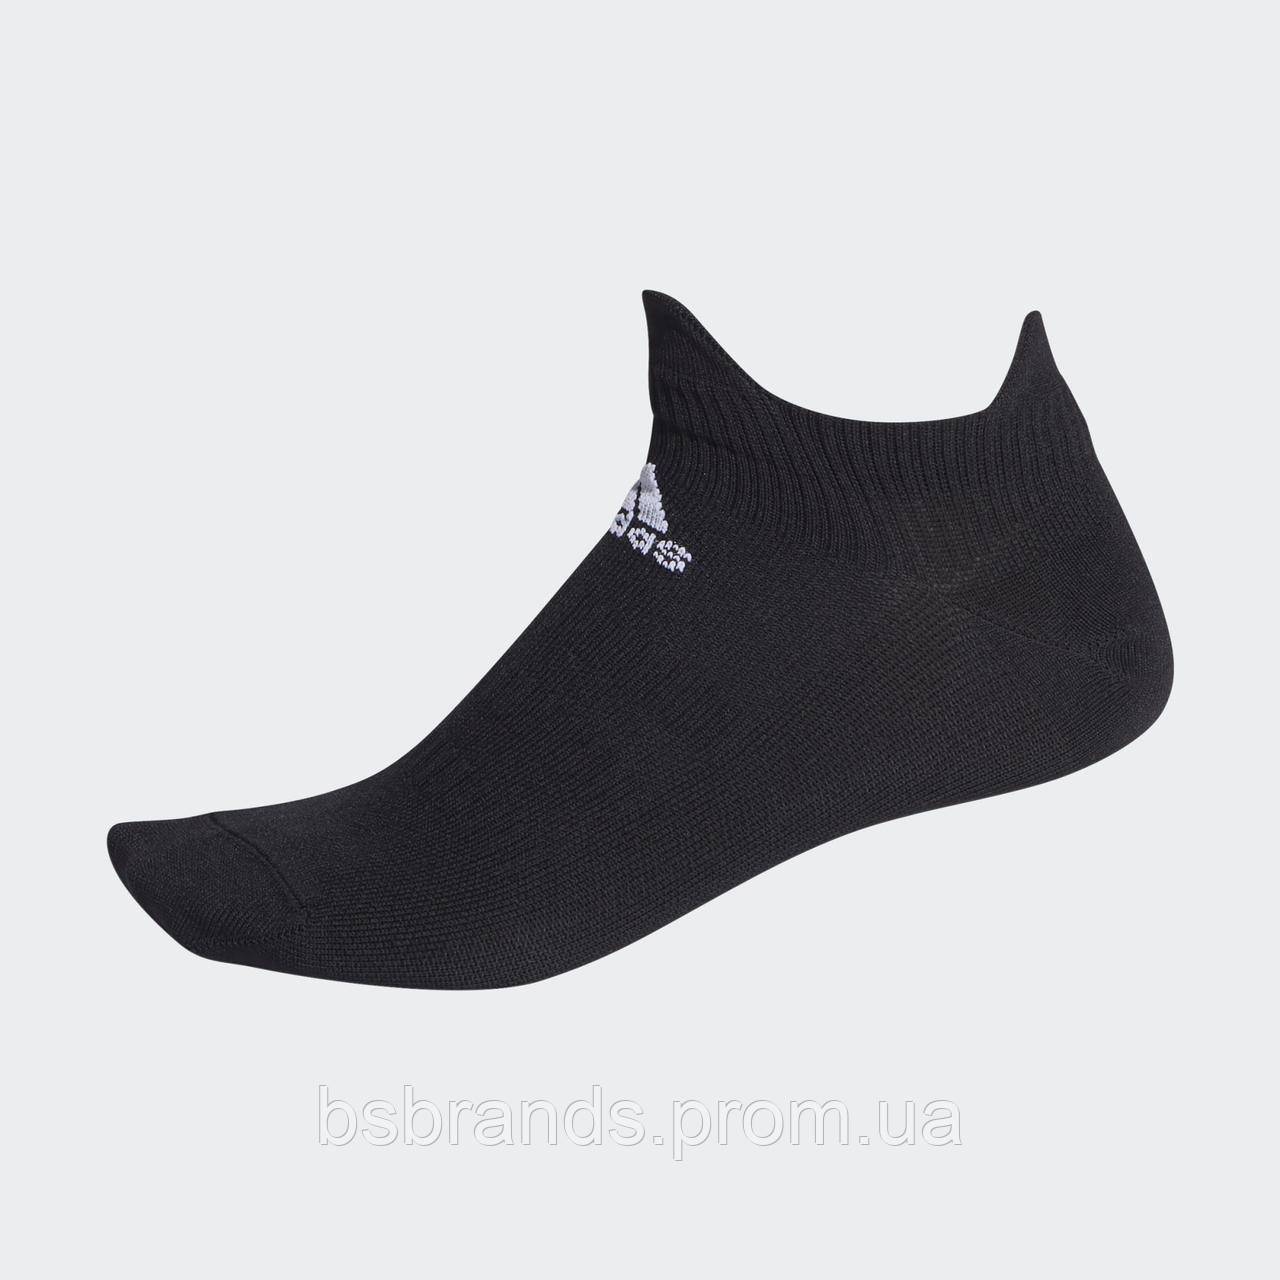 Спортивные носки Adidas Alphaskin Low FK0956 (2020/1)